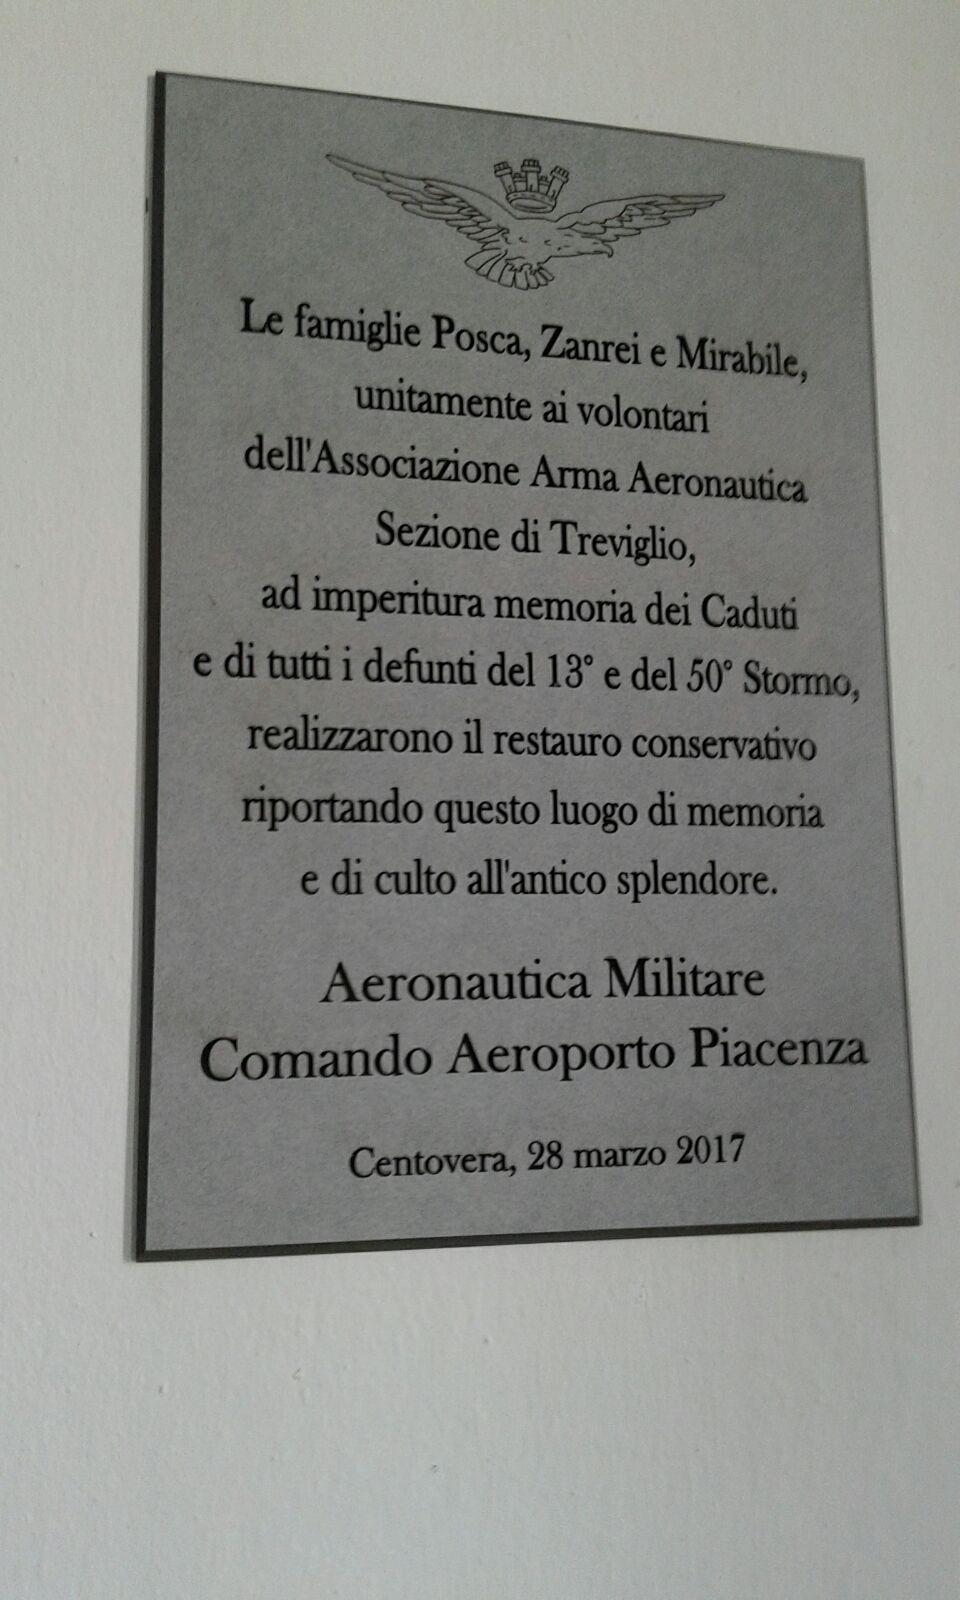 Associazione Arma Aeronautica Sezione Di Treviglio